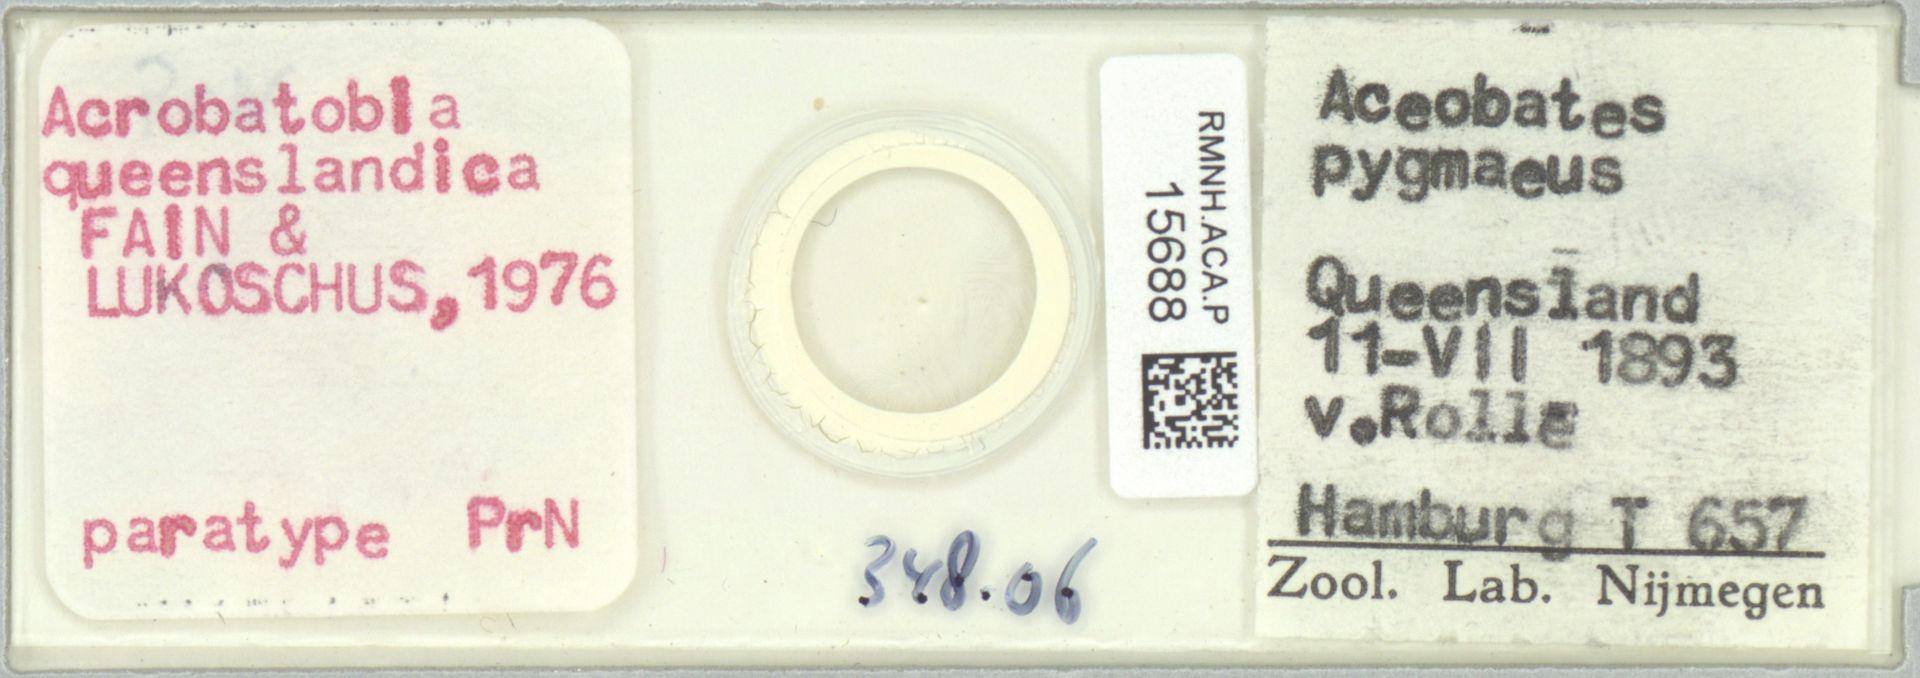 RMNH.ACA.P.15688   Acrobatobia queenslandica Fain & Lukoschus, 1976